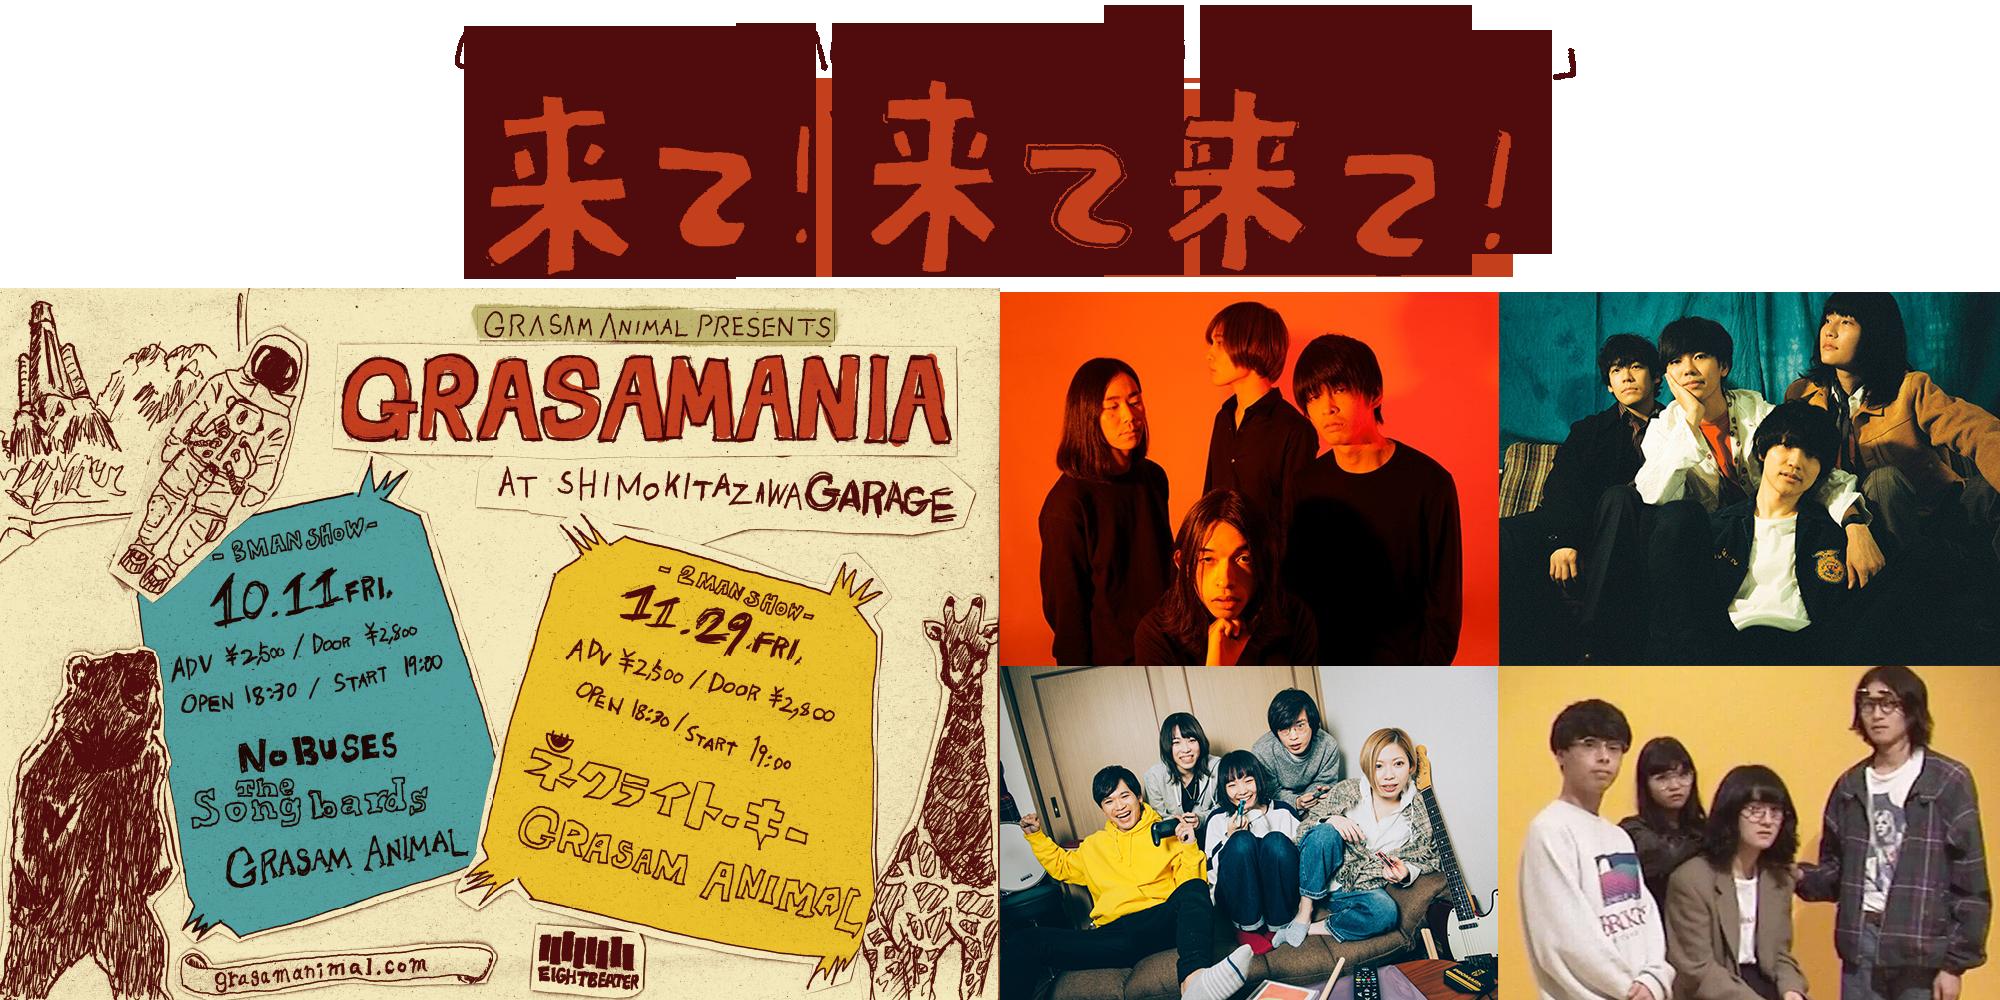 GRASAM ANIMAL 2ヶ月連続企画「GRASAMANIA」『来て!来て来て!』